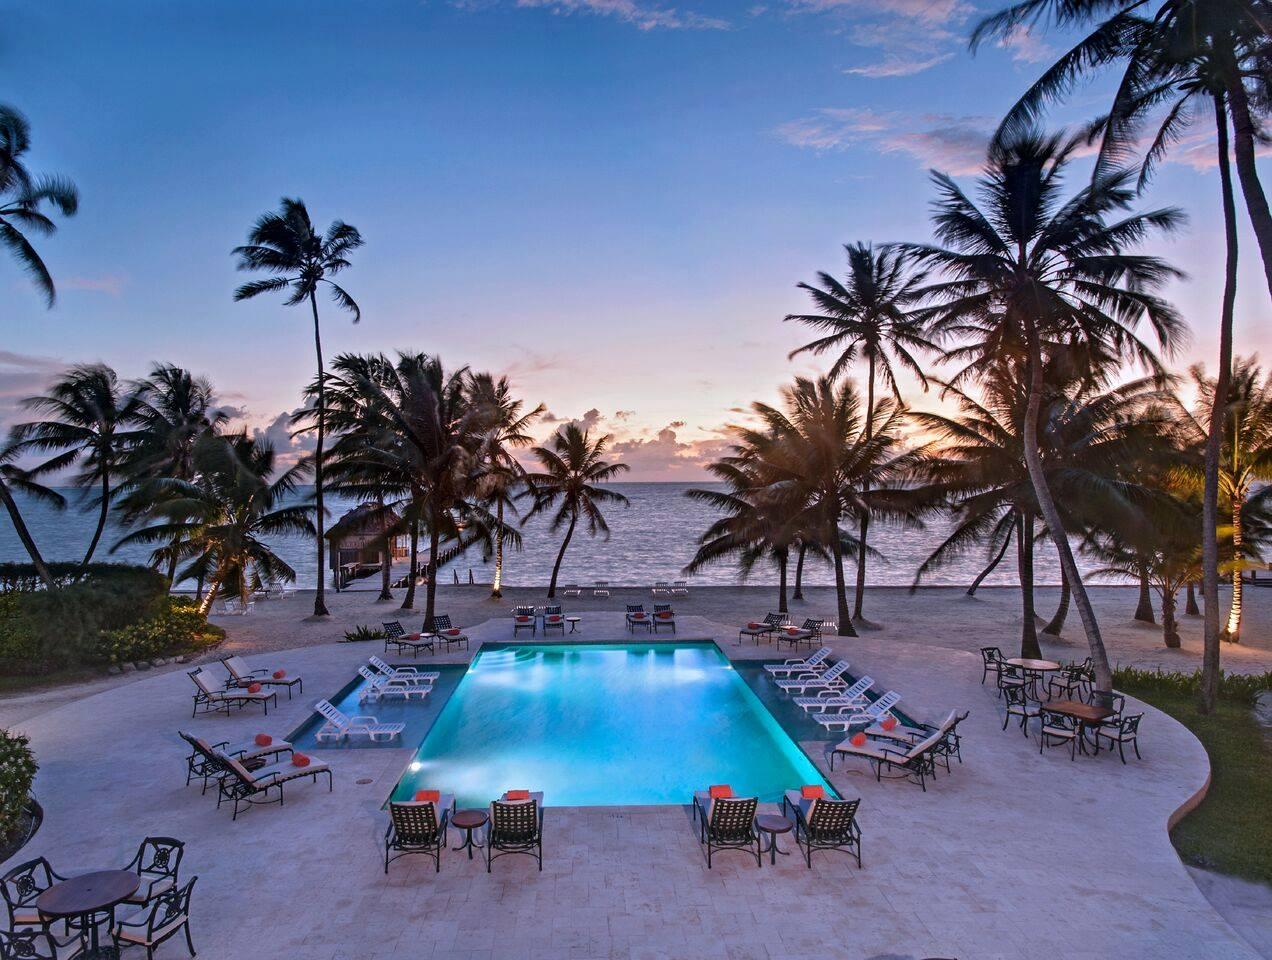 dusk victoria house resort belize san pedro